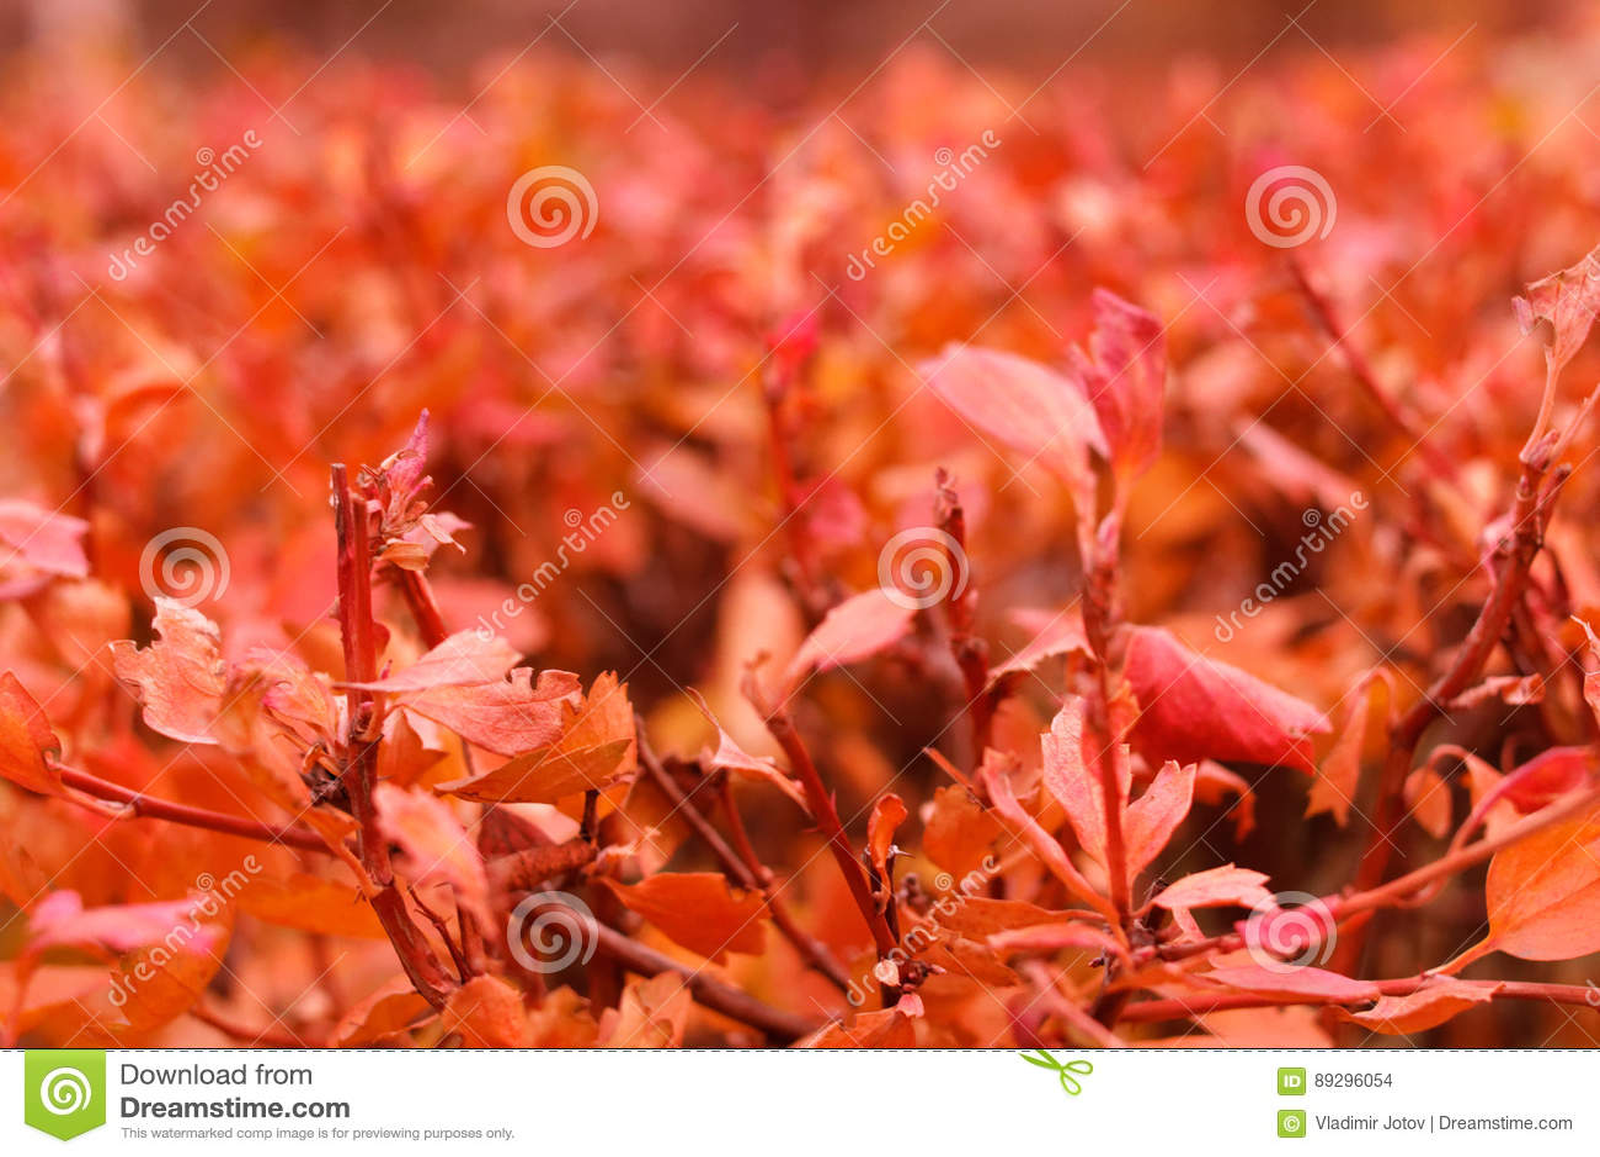 Herbstbuschlaub